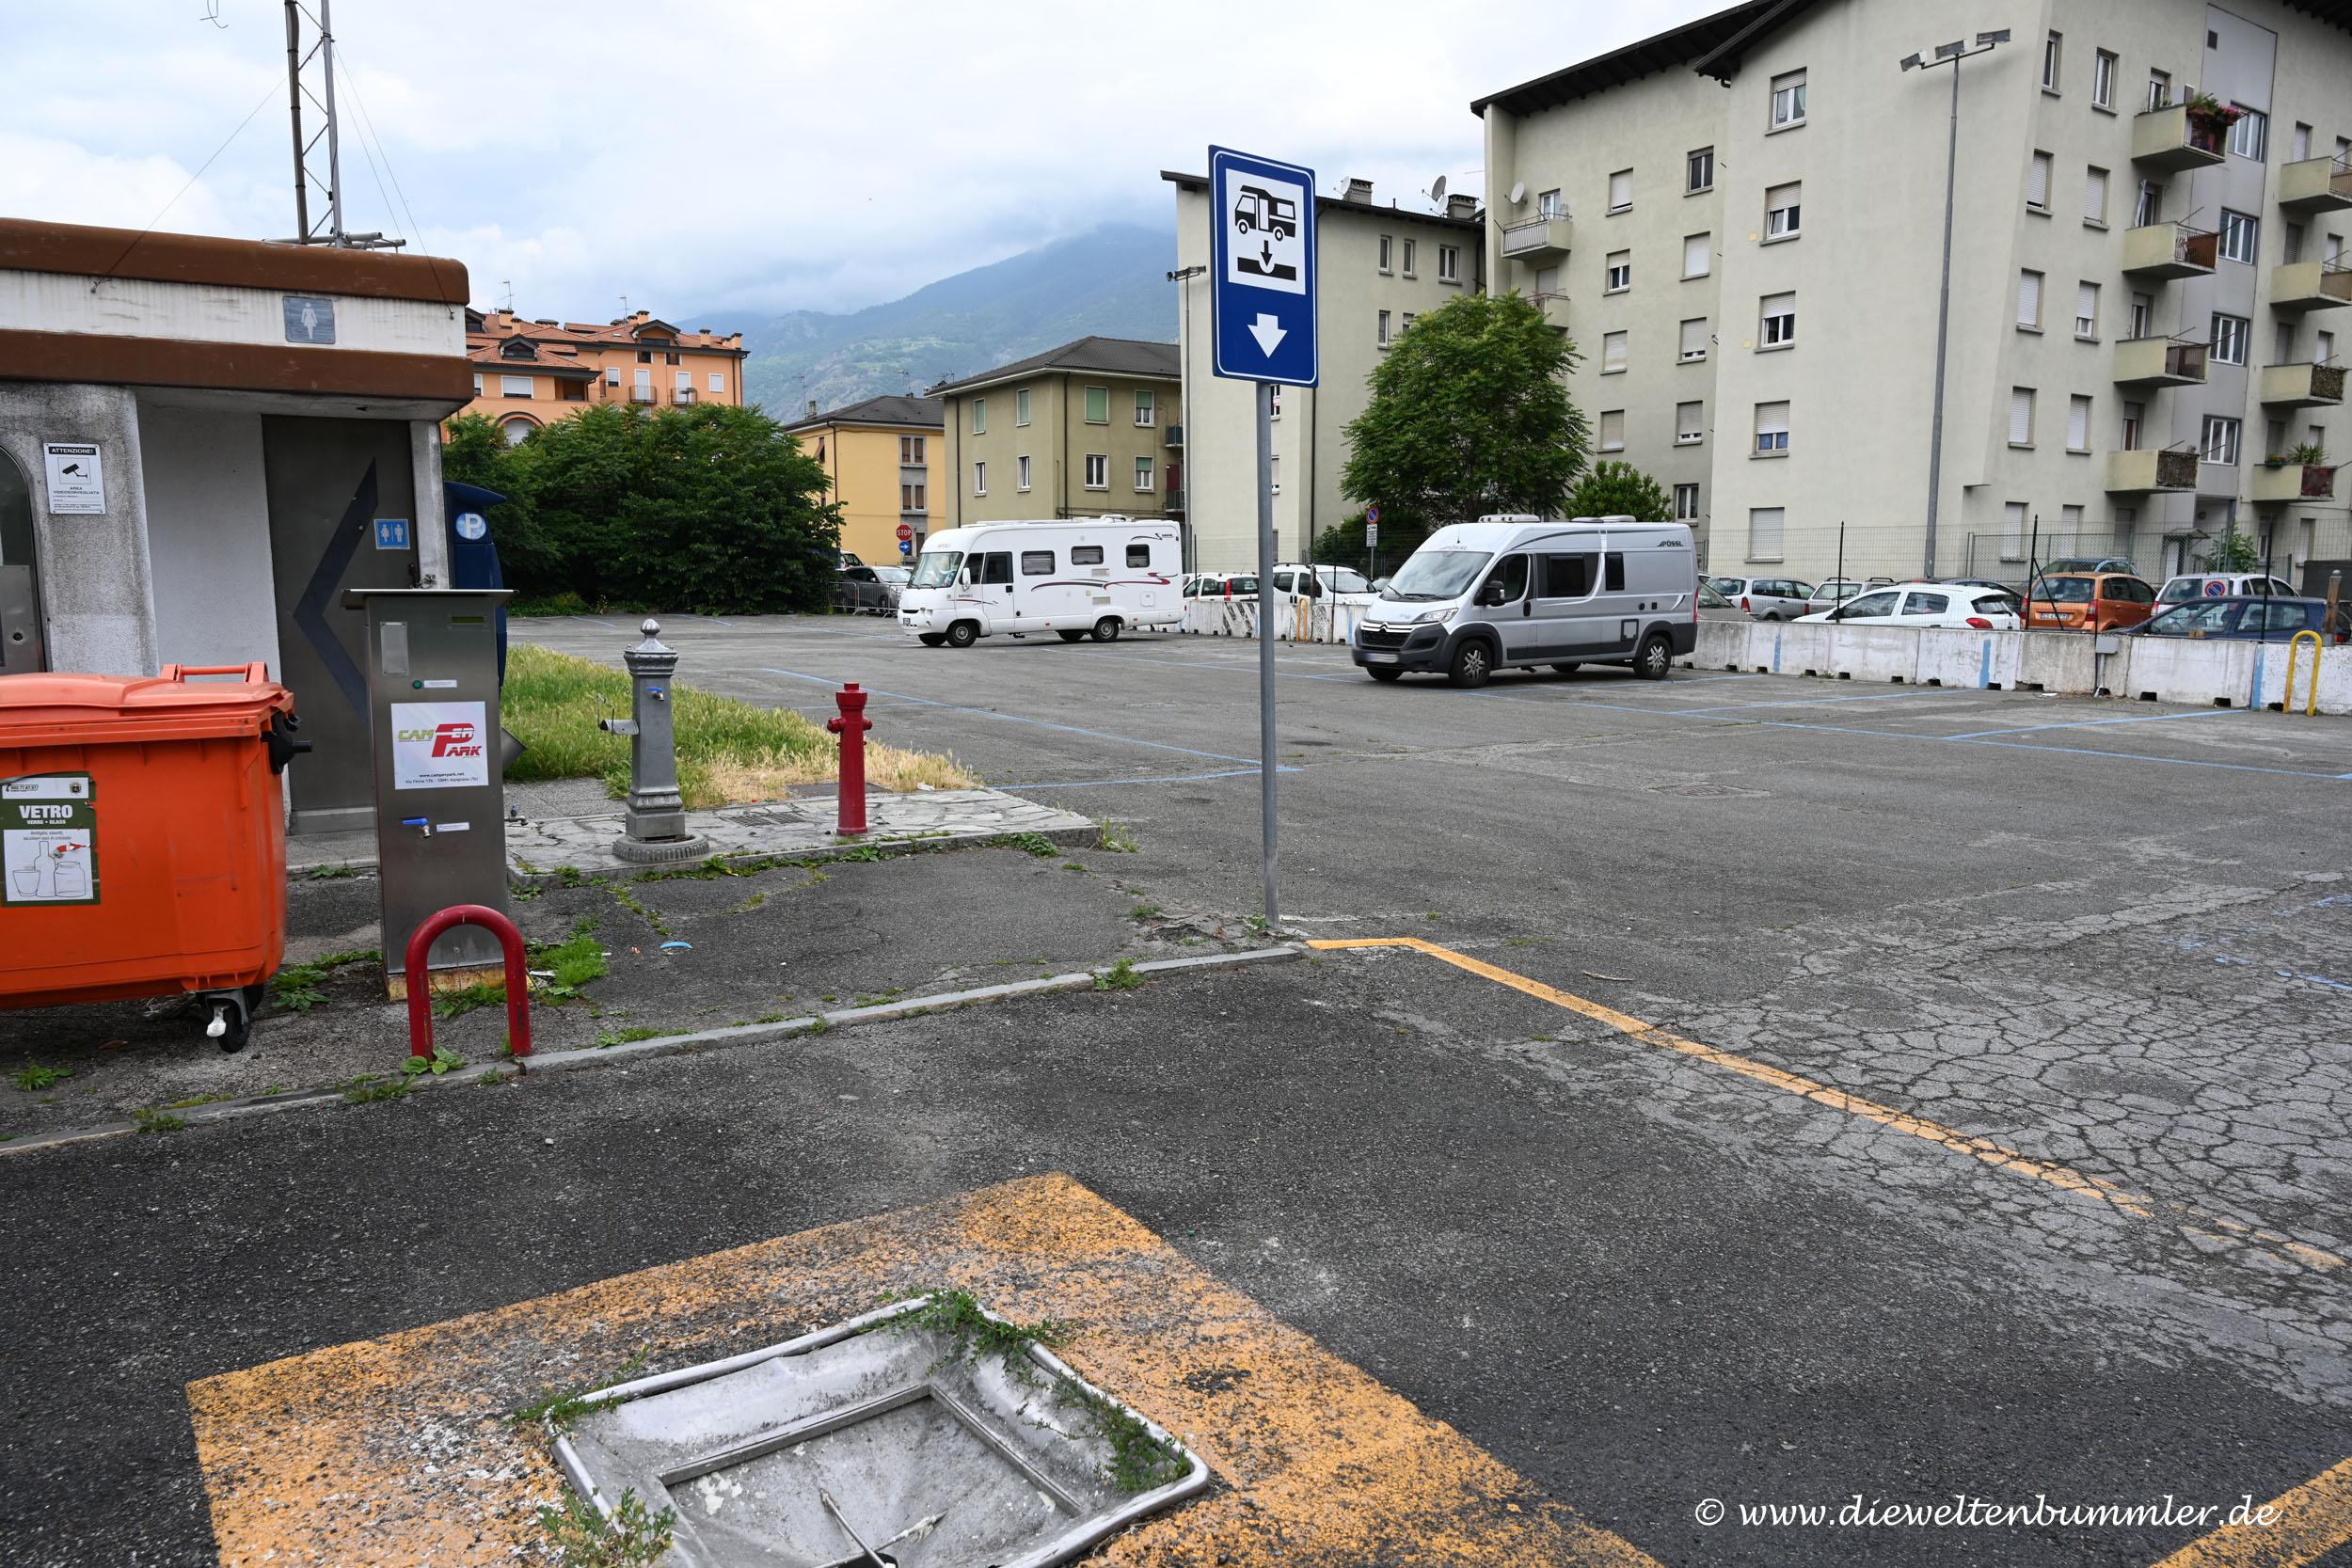 Wohnmoblistellplatz in Aosta